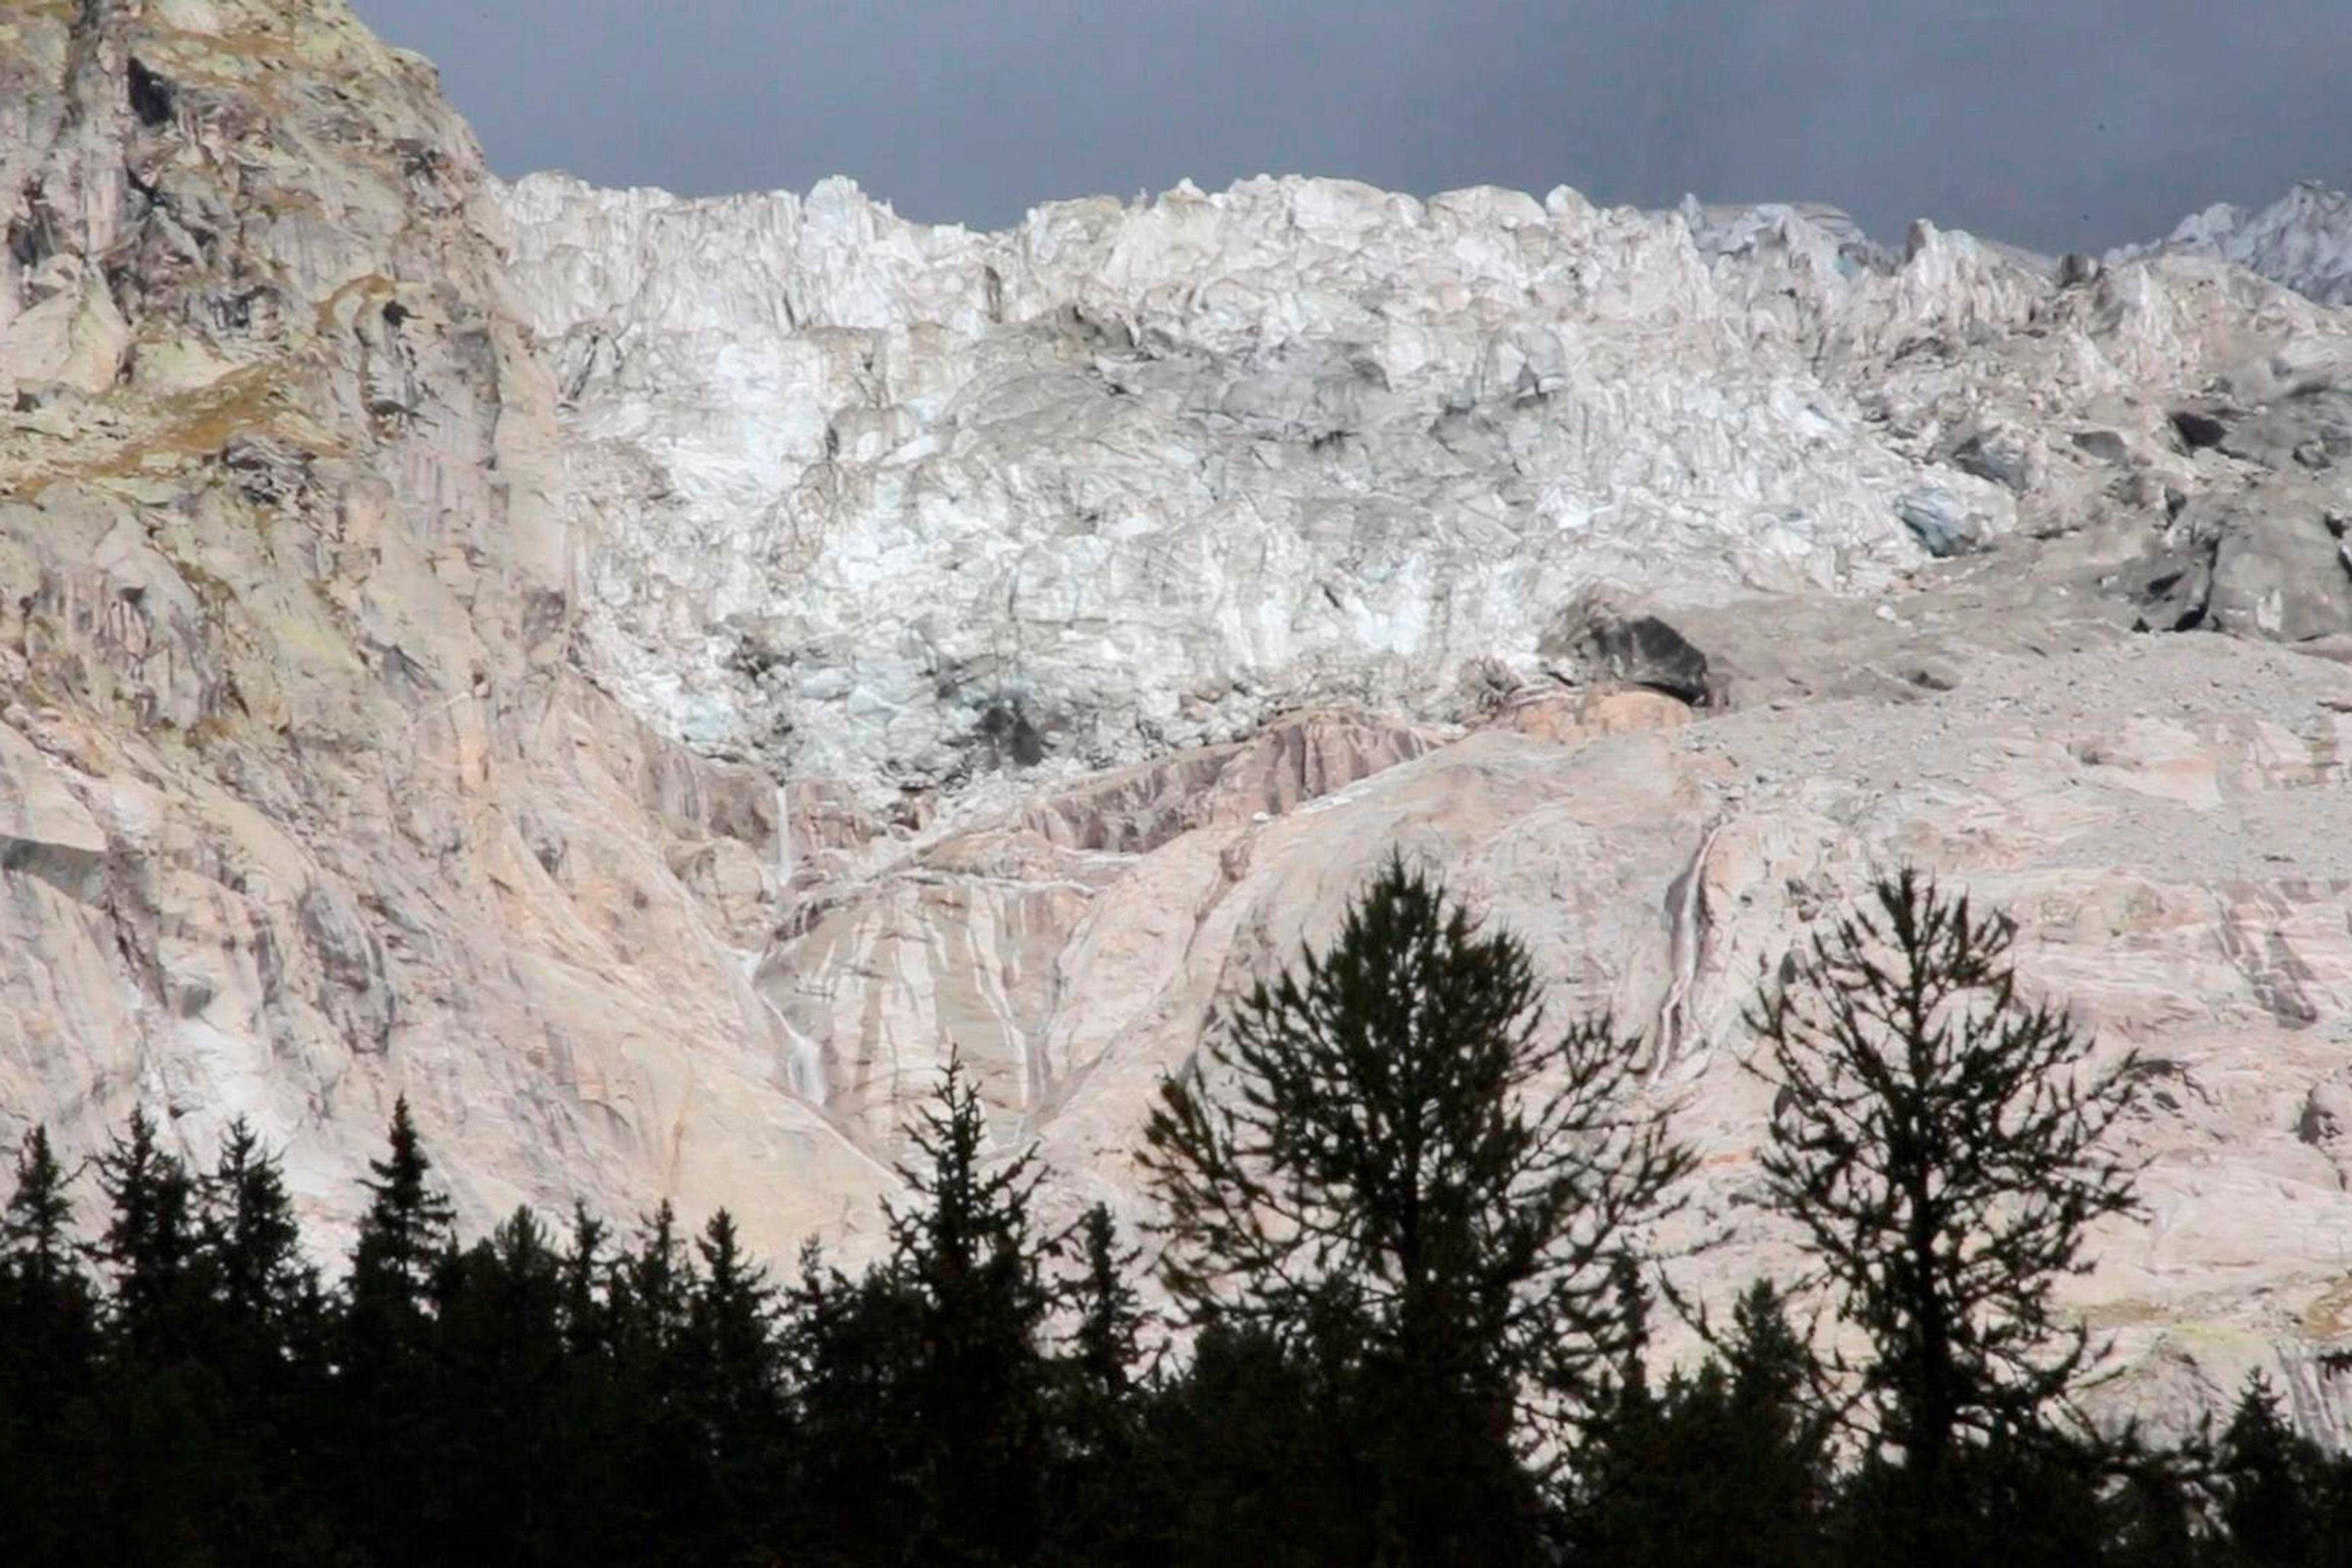 Italien: Gletscher am Mont-Blanc droht einzustürzen - Evakuierung